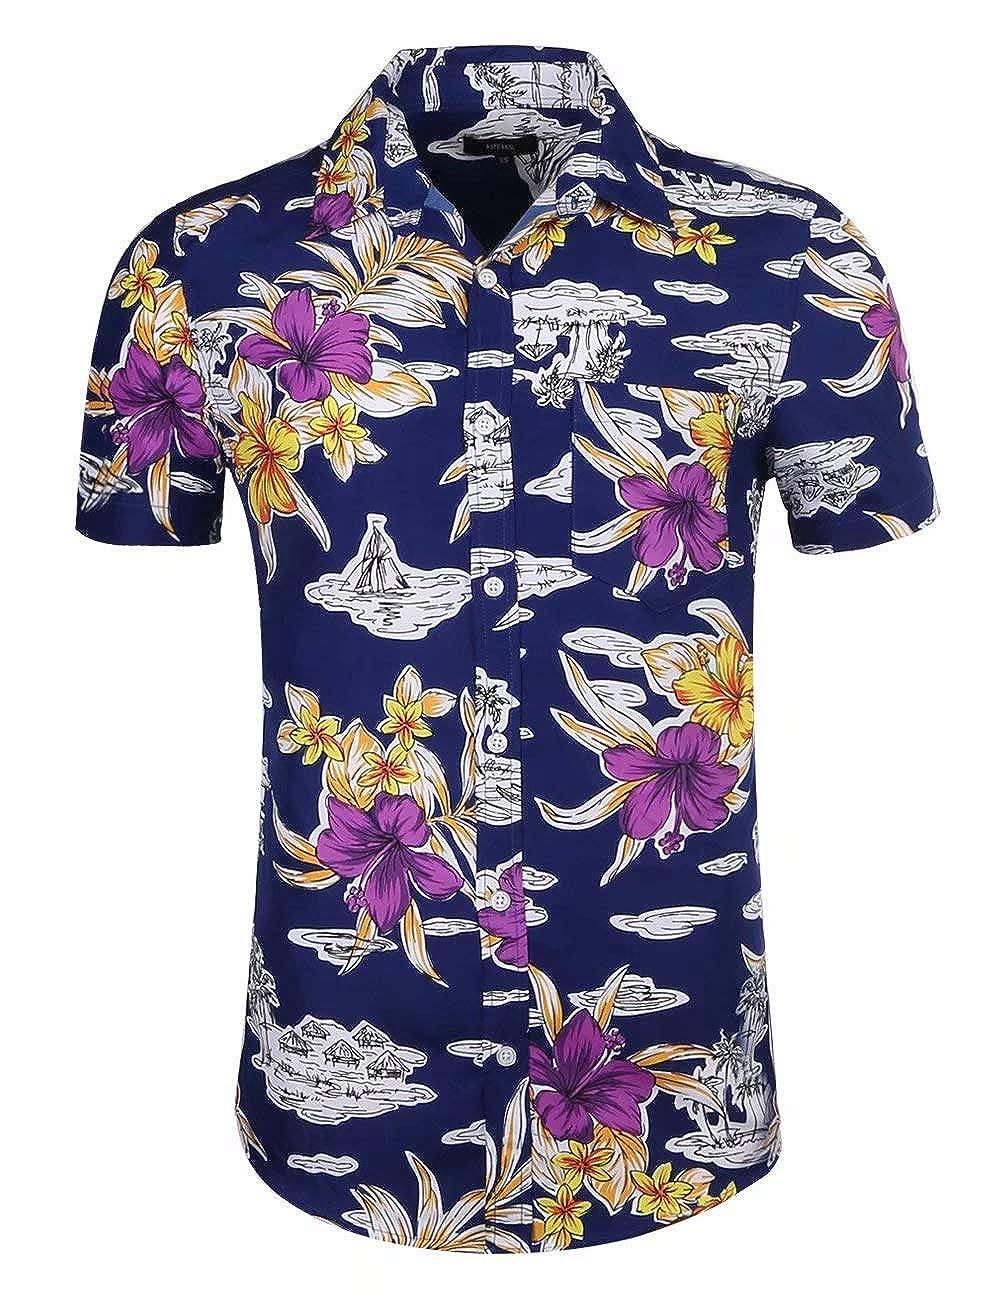 Tops, T Shirts & Hemden Nutexrol Kurzarmhemd mit Kleine